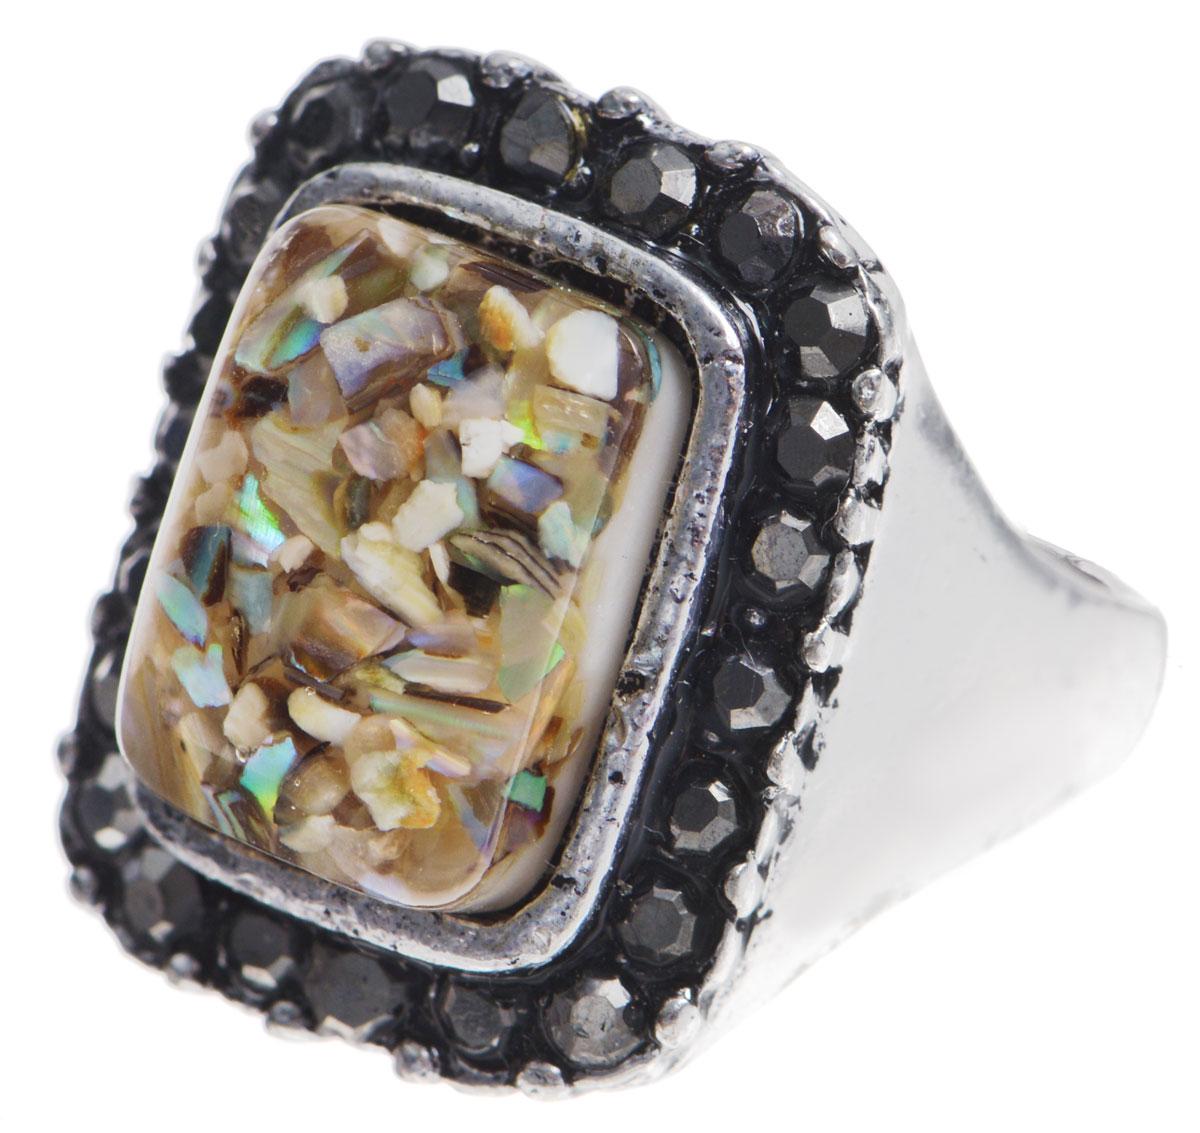 Кольцо Taya, цвет: серебряный, бежевый. Размер 18. T-B-8675T-B-8675-RING-BR.MULTIОригинальное кольцо Taya выполнено из бижутерийного сплава, дополнено оригинальным декоративным элементом, который изготовлен из ювелирной смолы и перламутра. Стильное кольцо придаст вашему образу изюминку, подчеркнет индивидуальность.